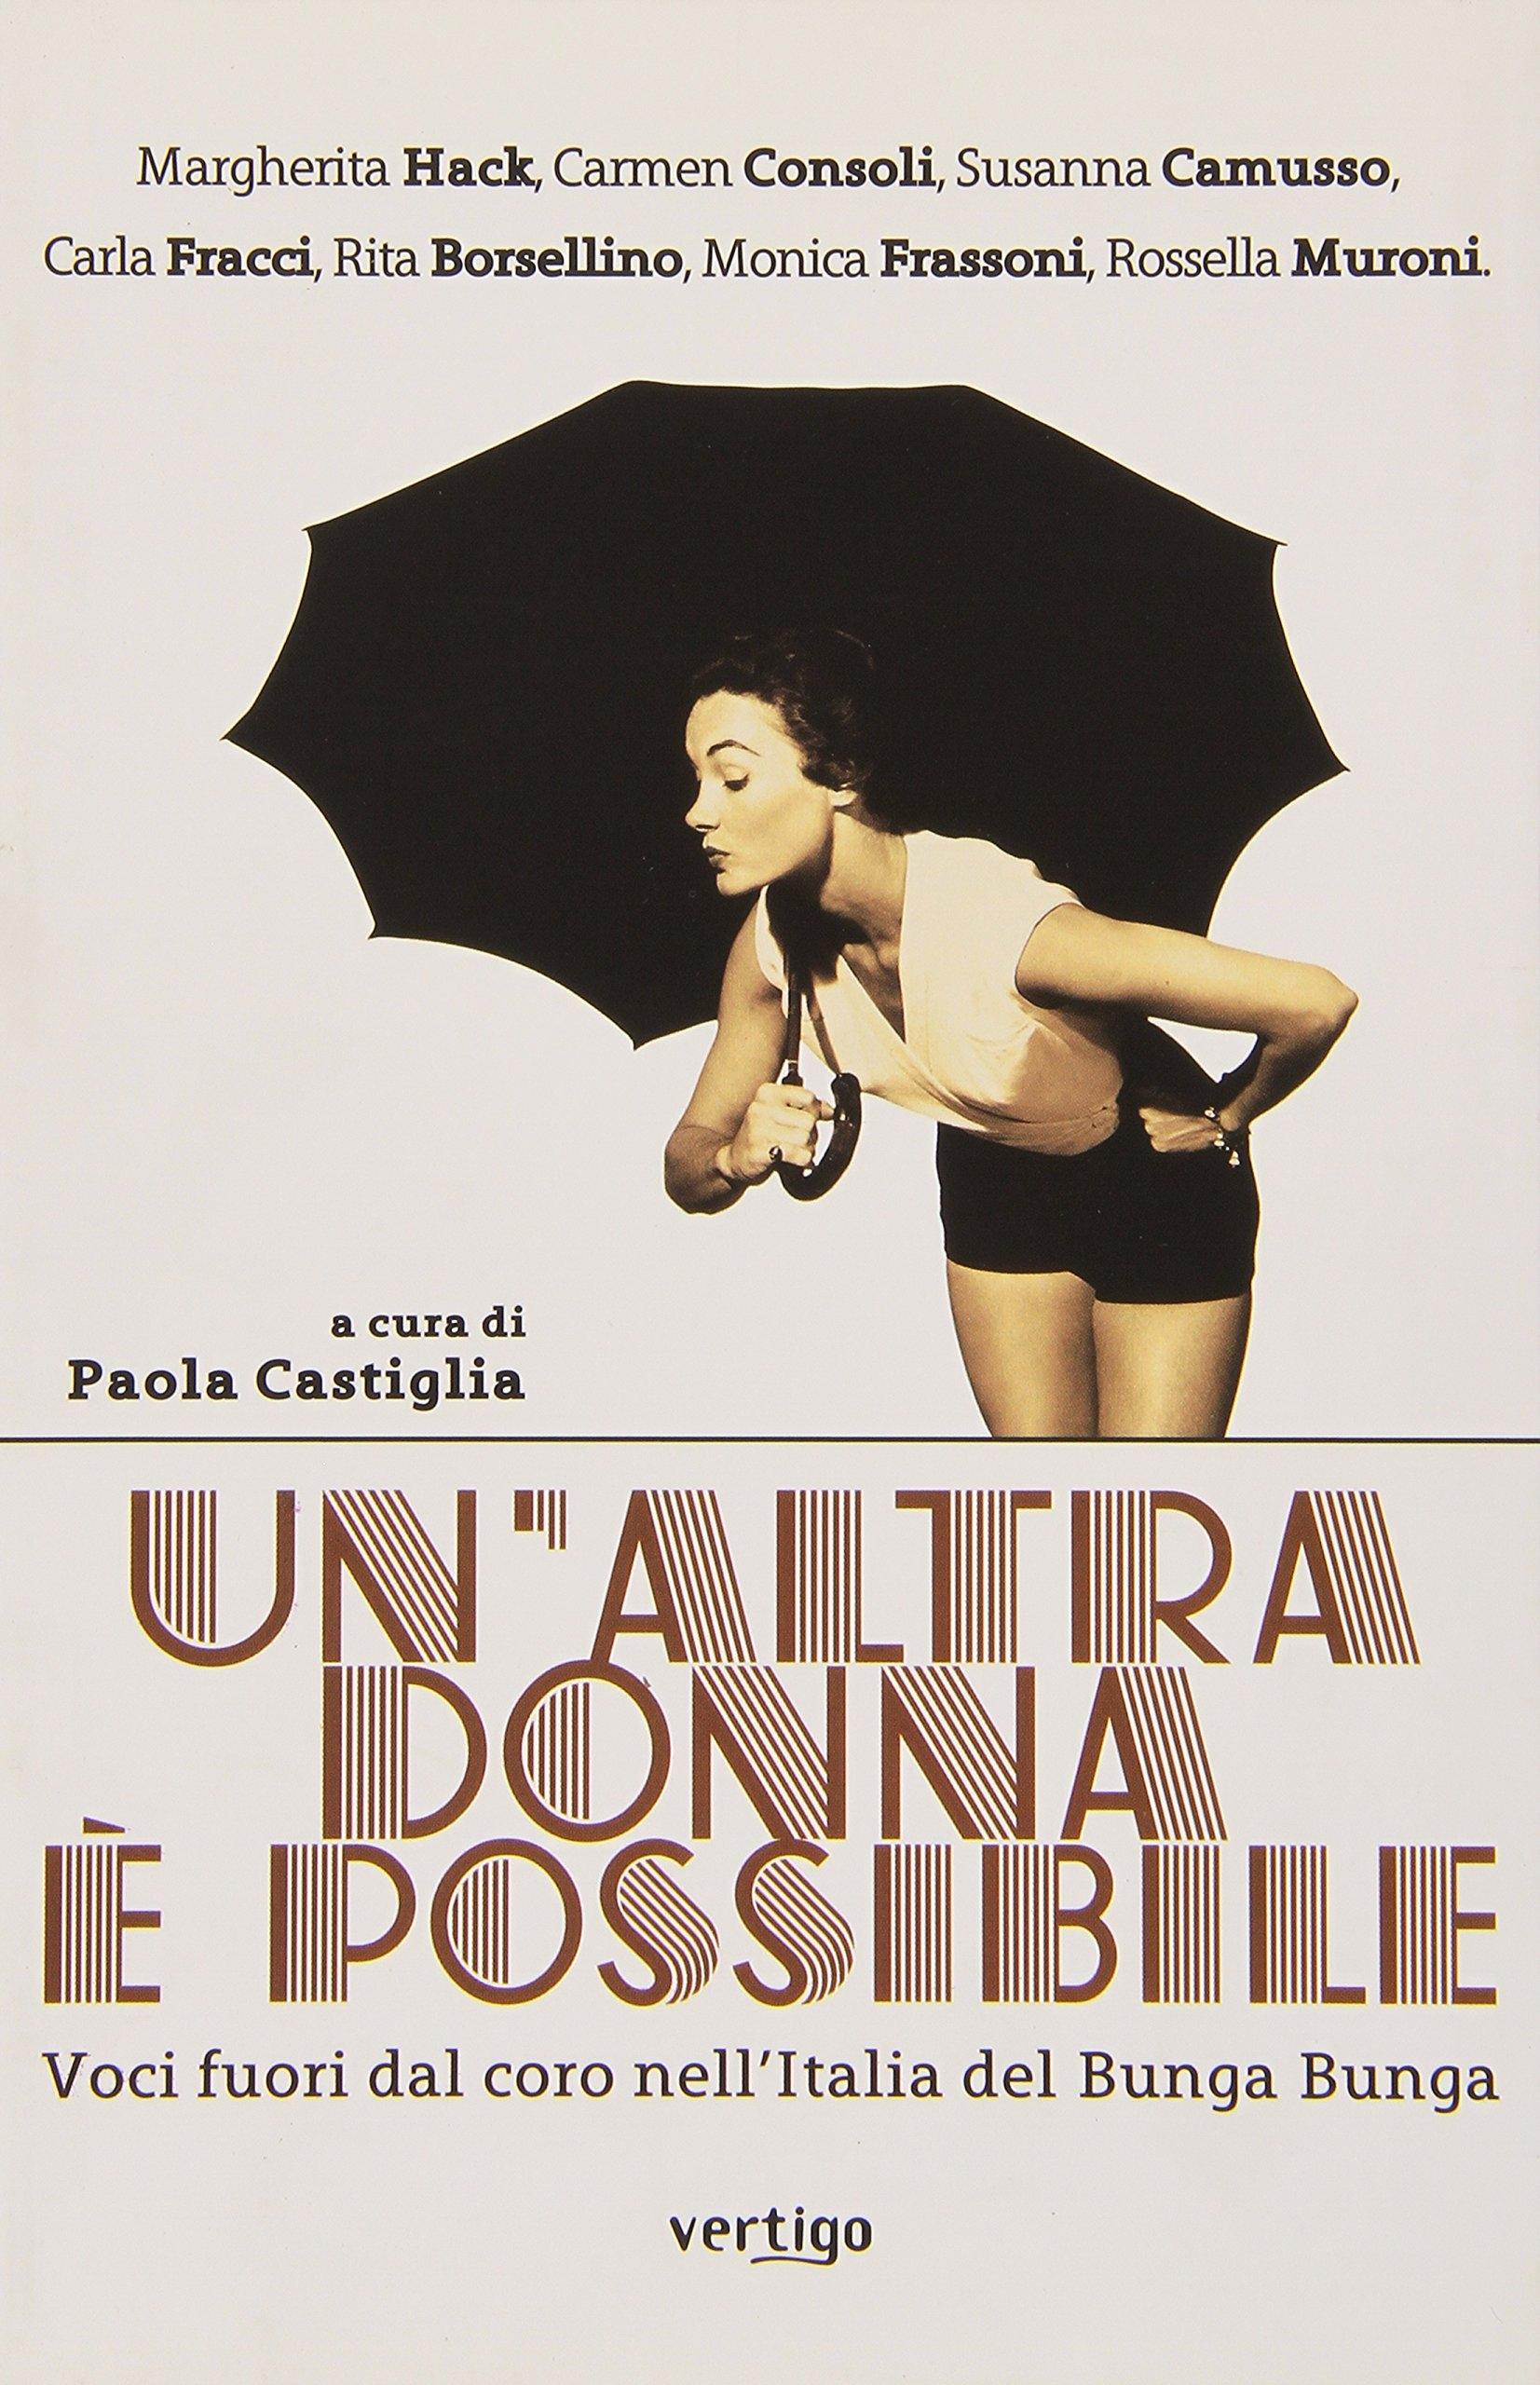 Un'altra donna è possibile. Voci fuori dal coro nell'Italia del bunga bunga.